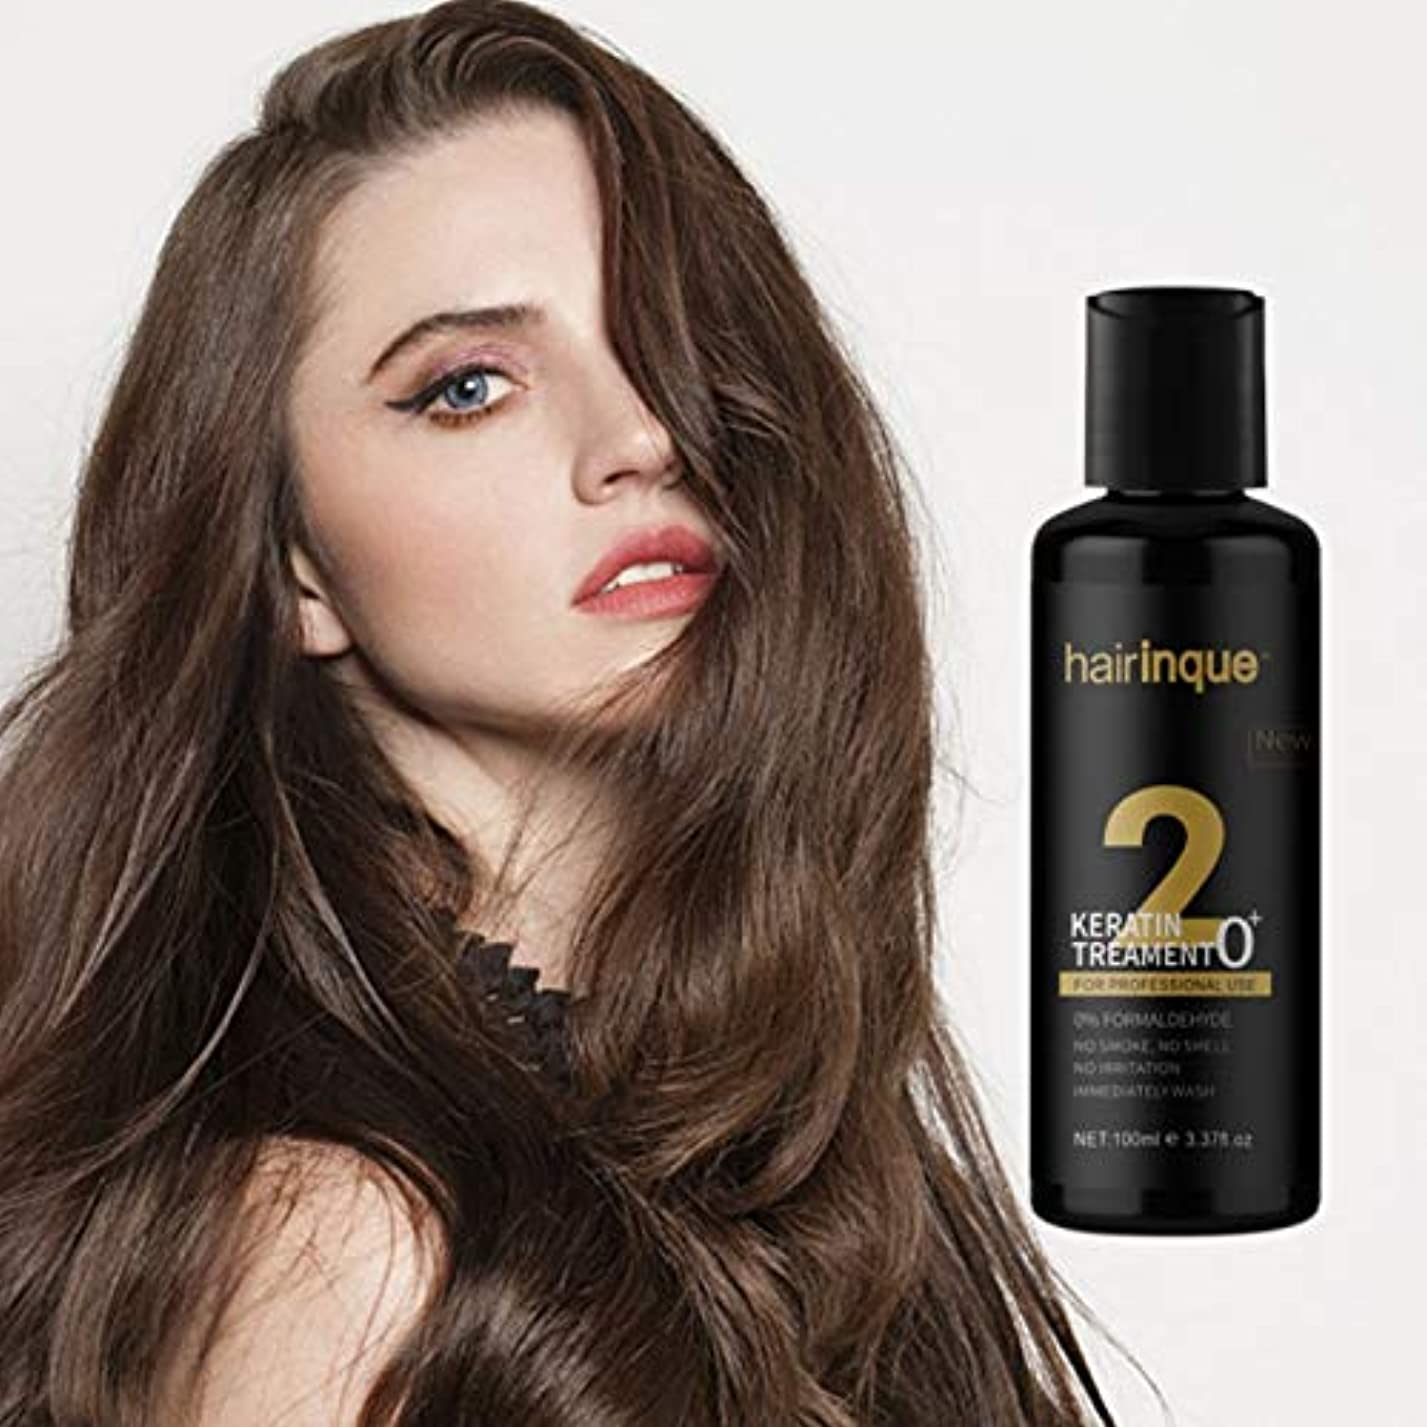 枝条件付き贅沢なホルムアルデヒドフリーケラチンヘアケア, 無臭無煙無刺激, なめらかで輝く髪、破損を修復 ストレングスナイスウィークヘア, 100ml Formaldehyde-free Keratin Hair Care, No Smell...